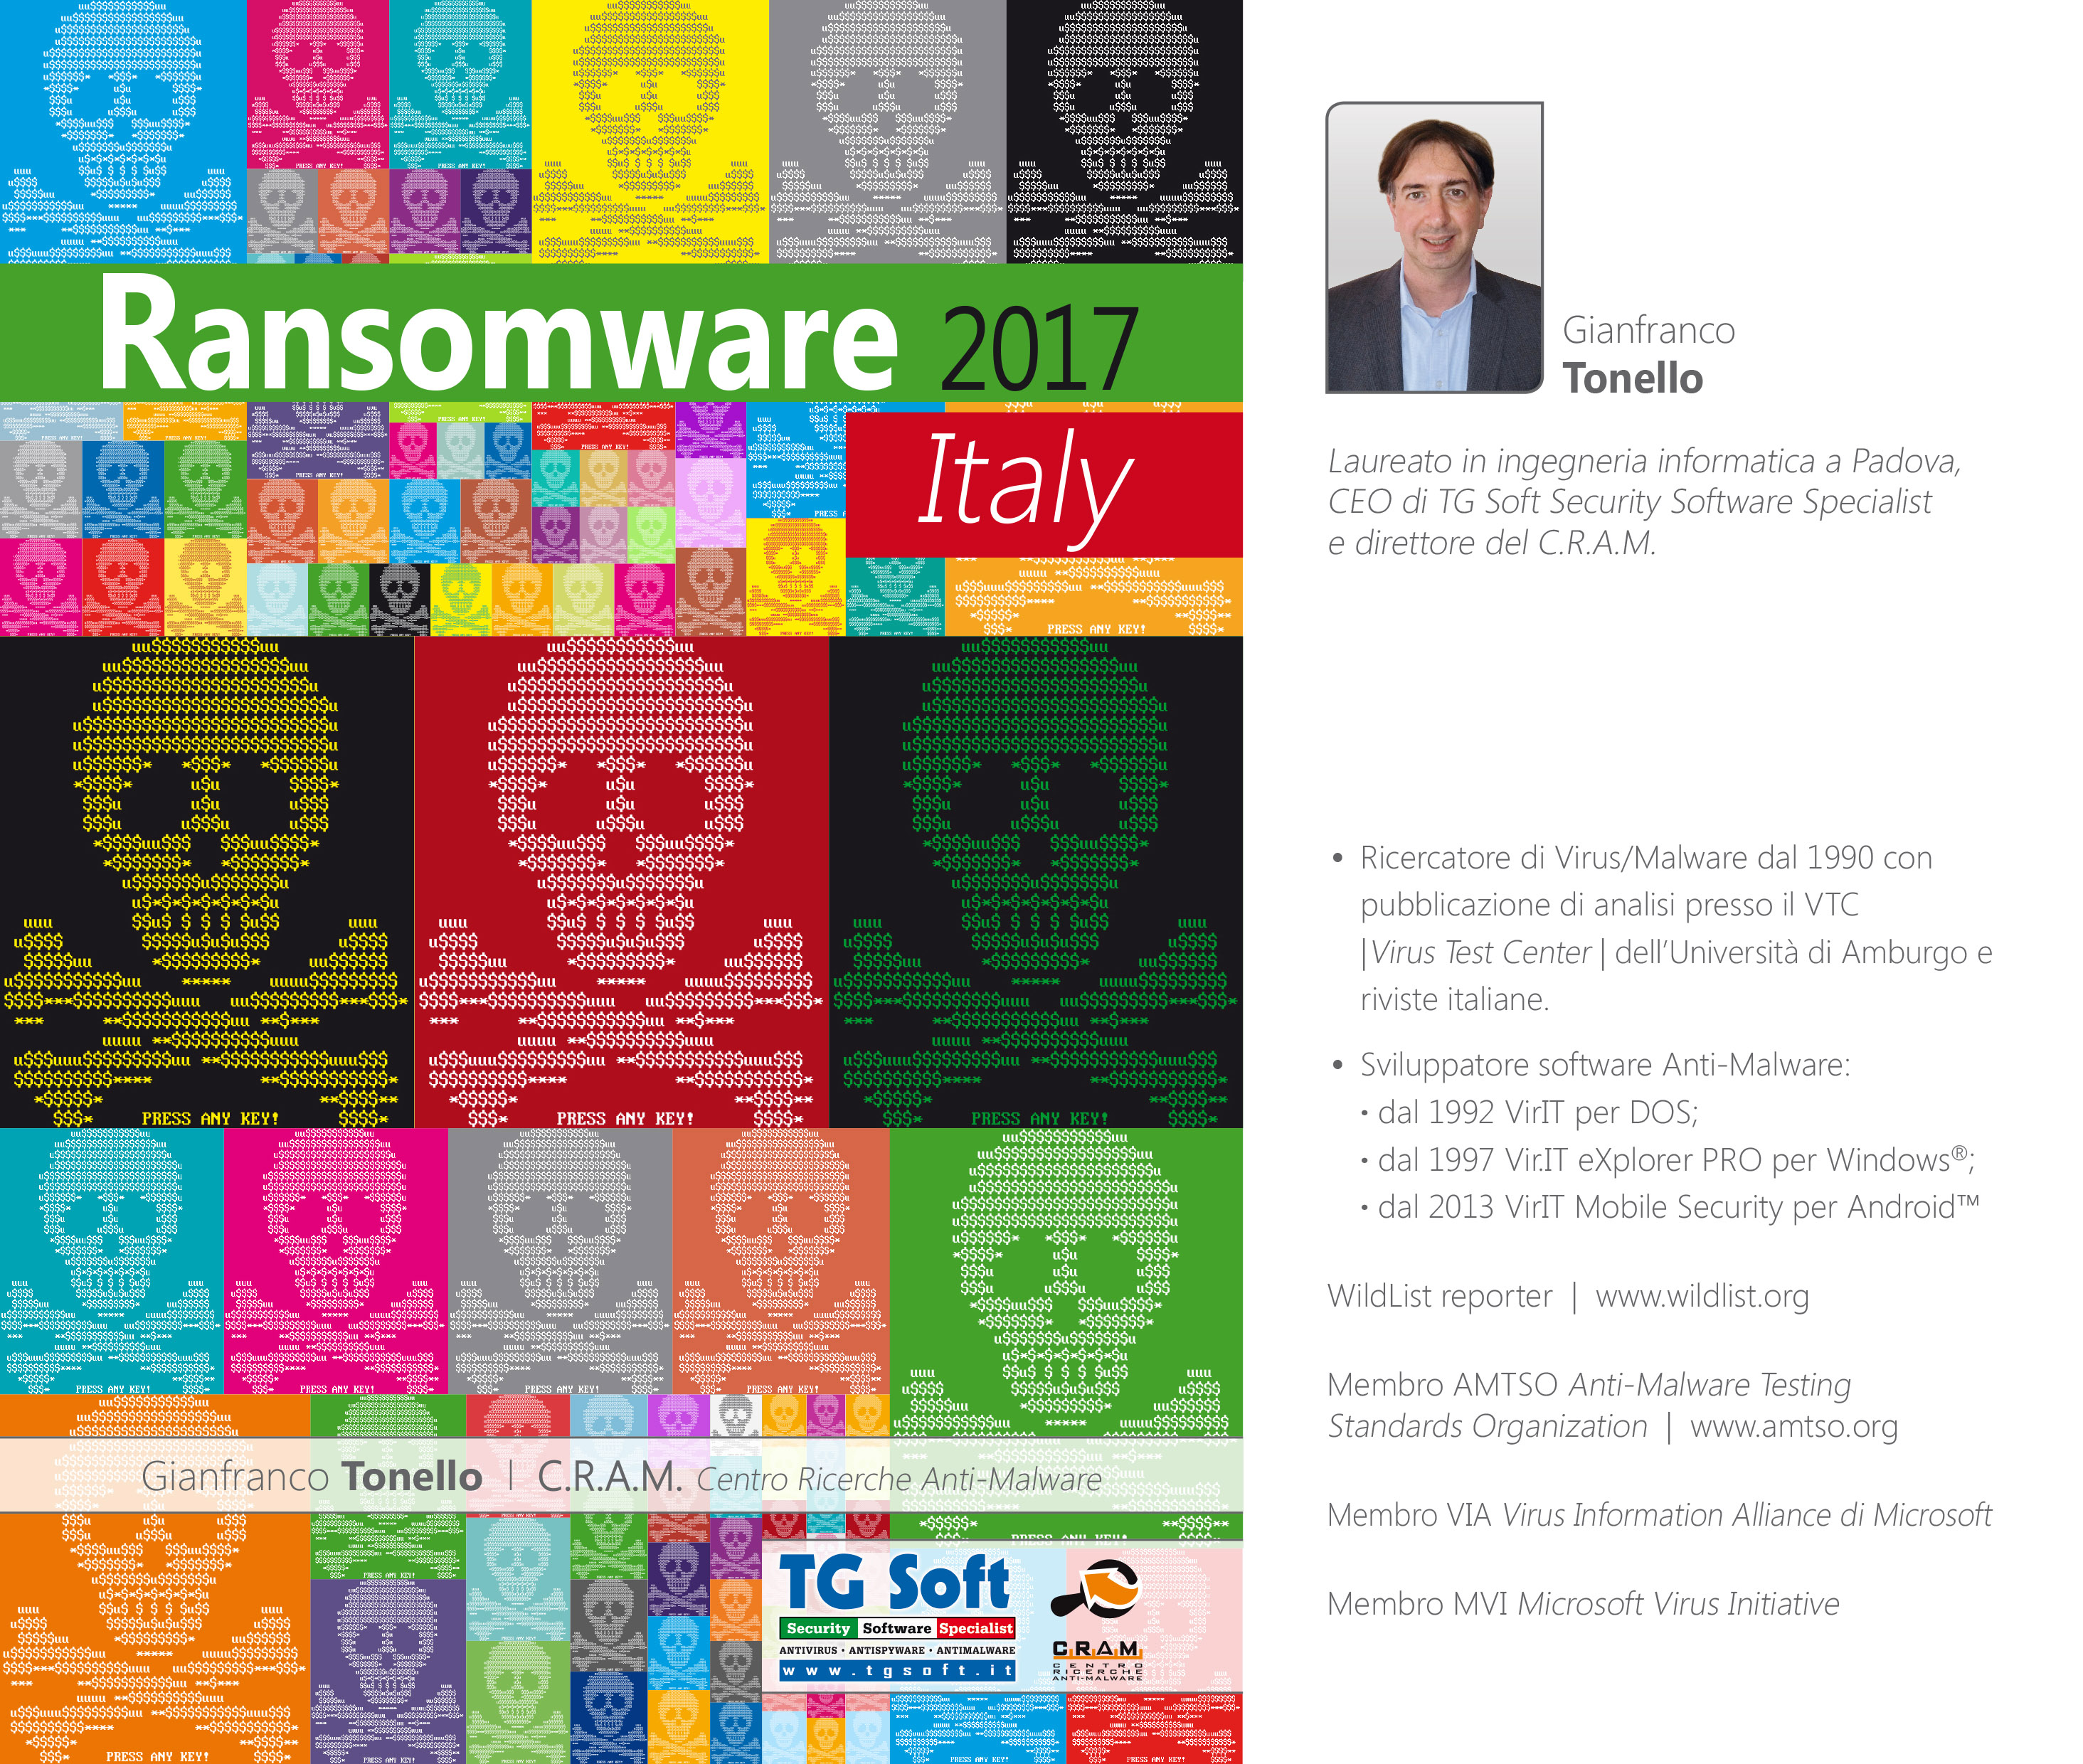 """La copertina del report sui Ransomware in ITALIA """"Ransomware 2017 Italy"""""""